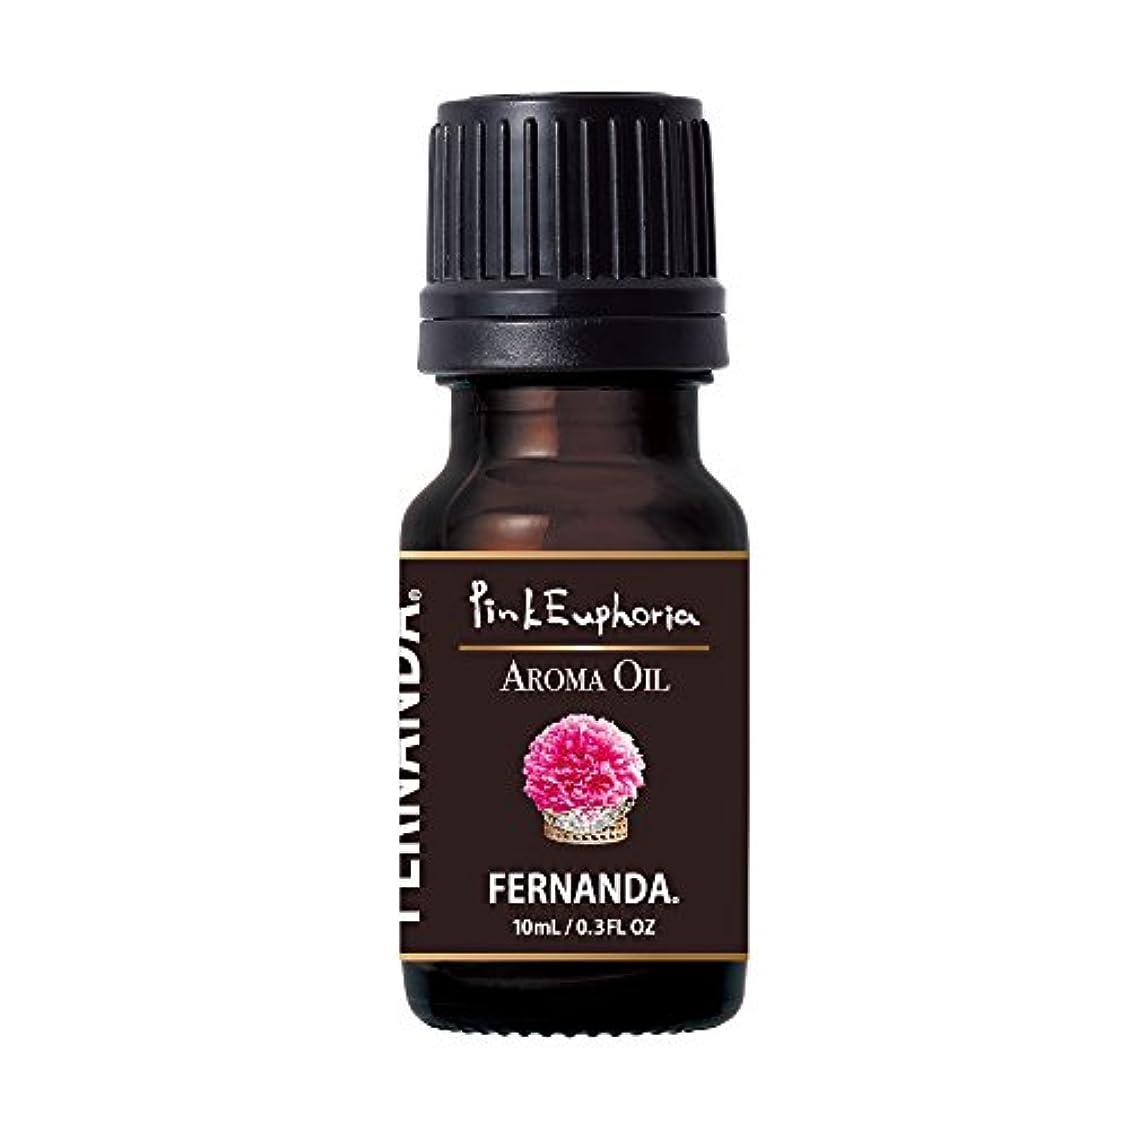 入力移動する階下FERNANDA(フェルナンダ) Fragrance Aroma Oil Pink Euphoria (アロマオイル ピンクエウフォリア)